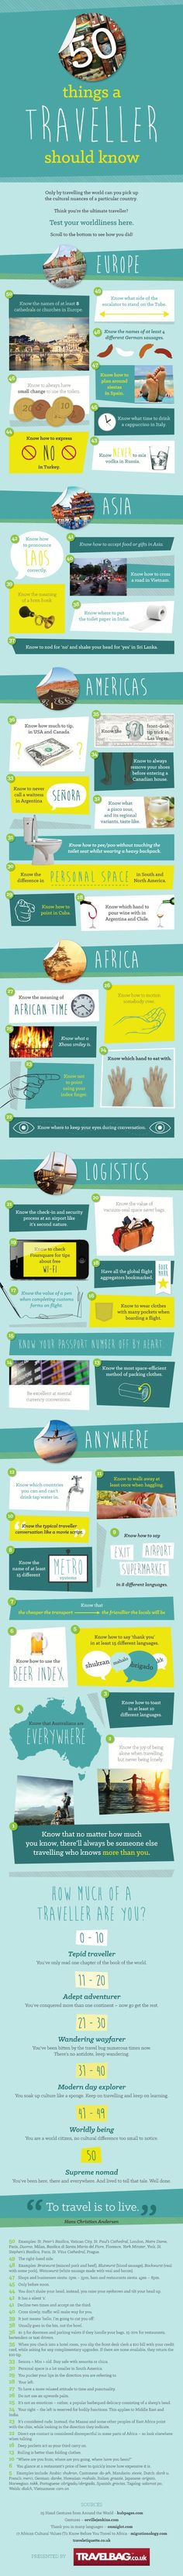 50 choses que tout voyageur devrait savoir